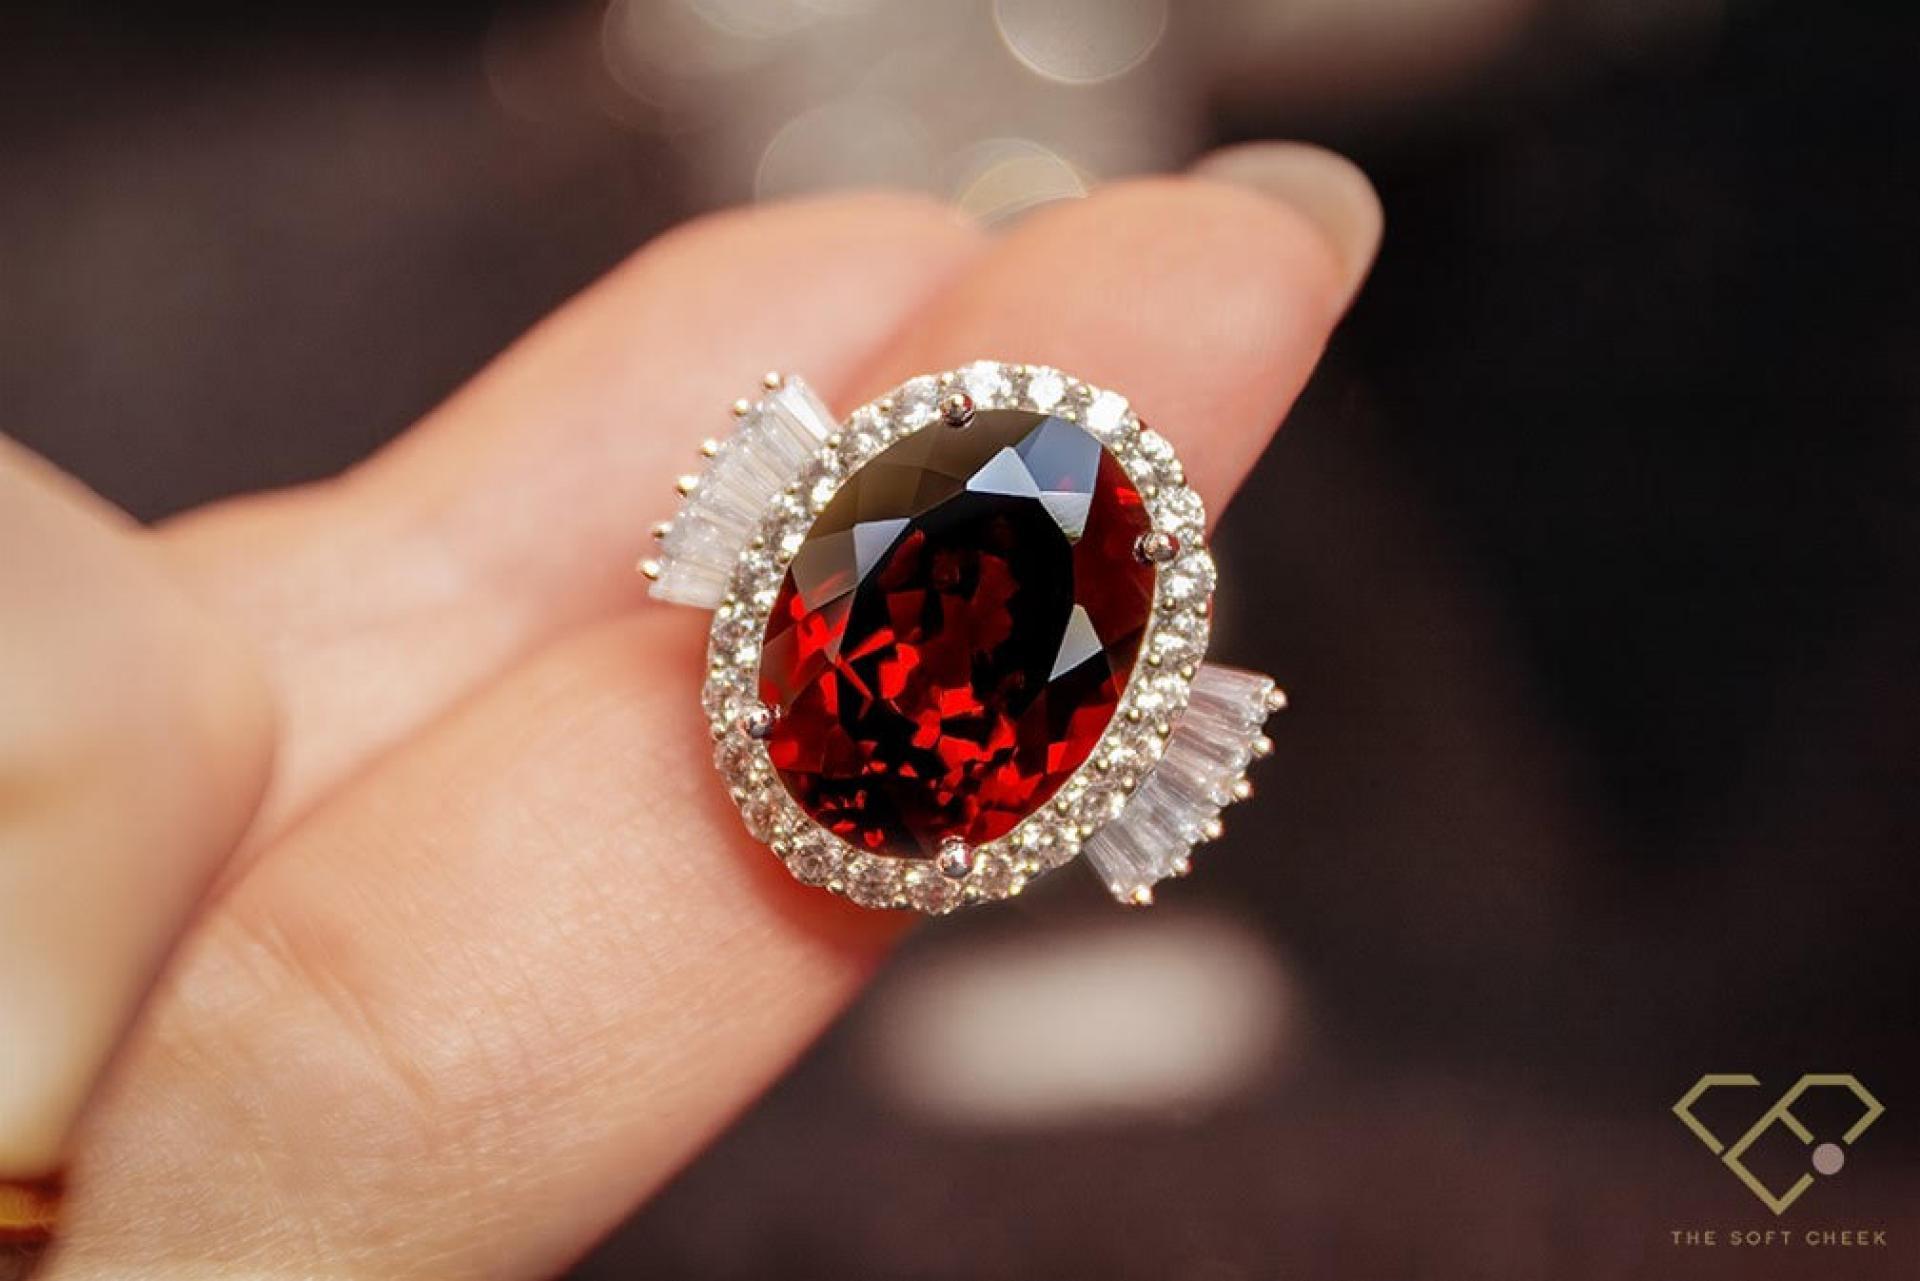 The Soft Cheek: diseño de joyas con gemas auténticas naturales